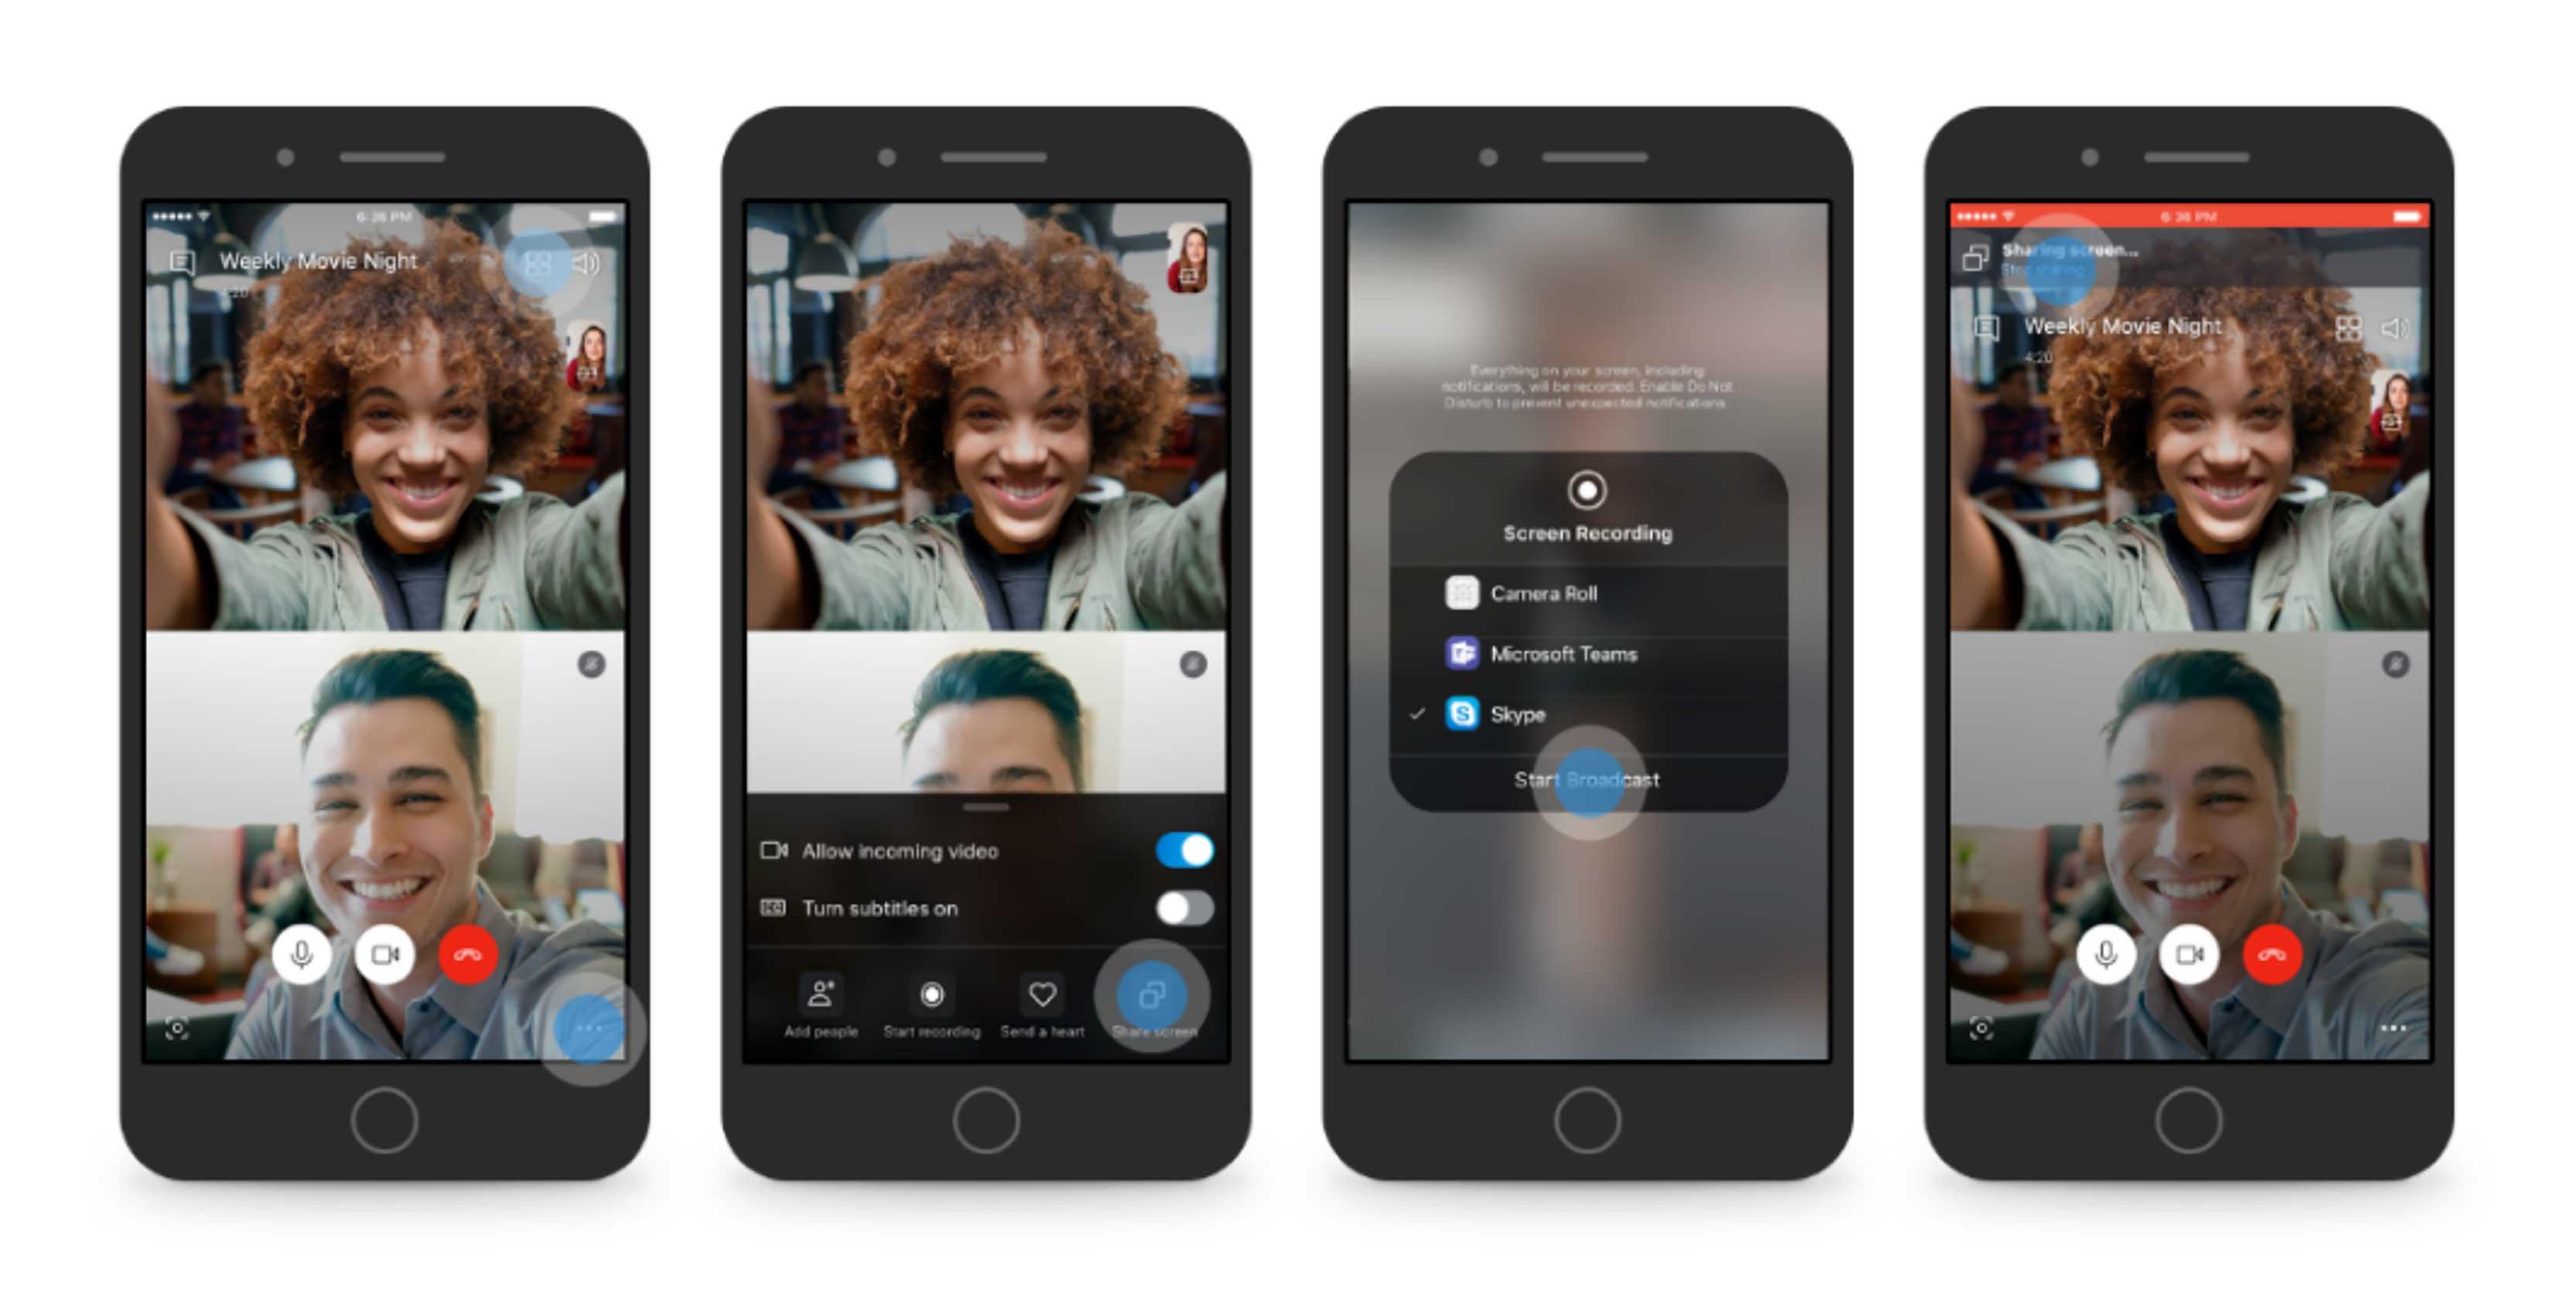 Skype screen sharing on mobile